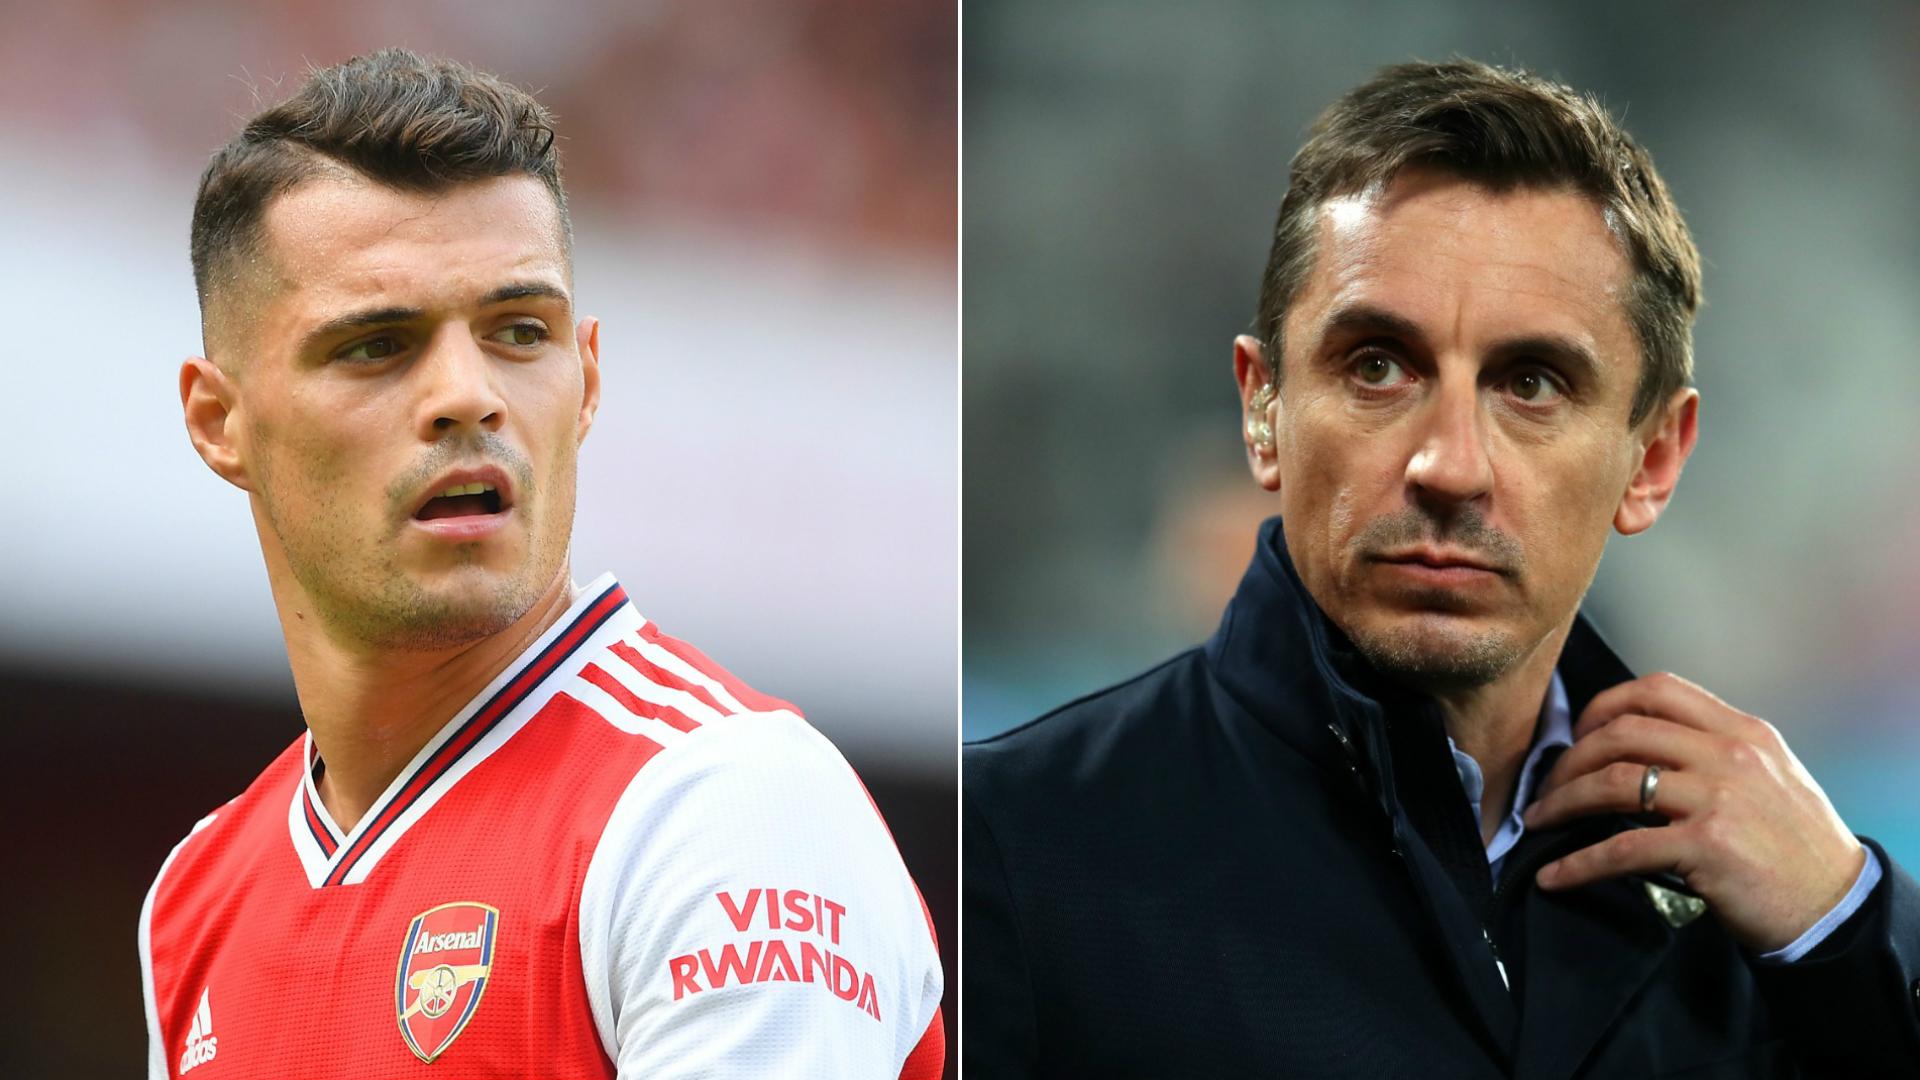 Neville Arsenal Midfielder Xhaka Must Make Peace With Fan